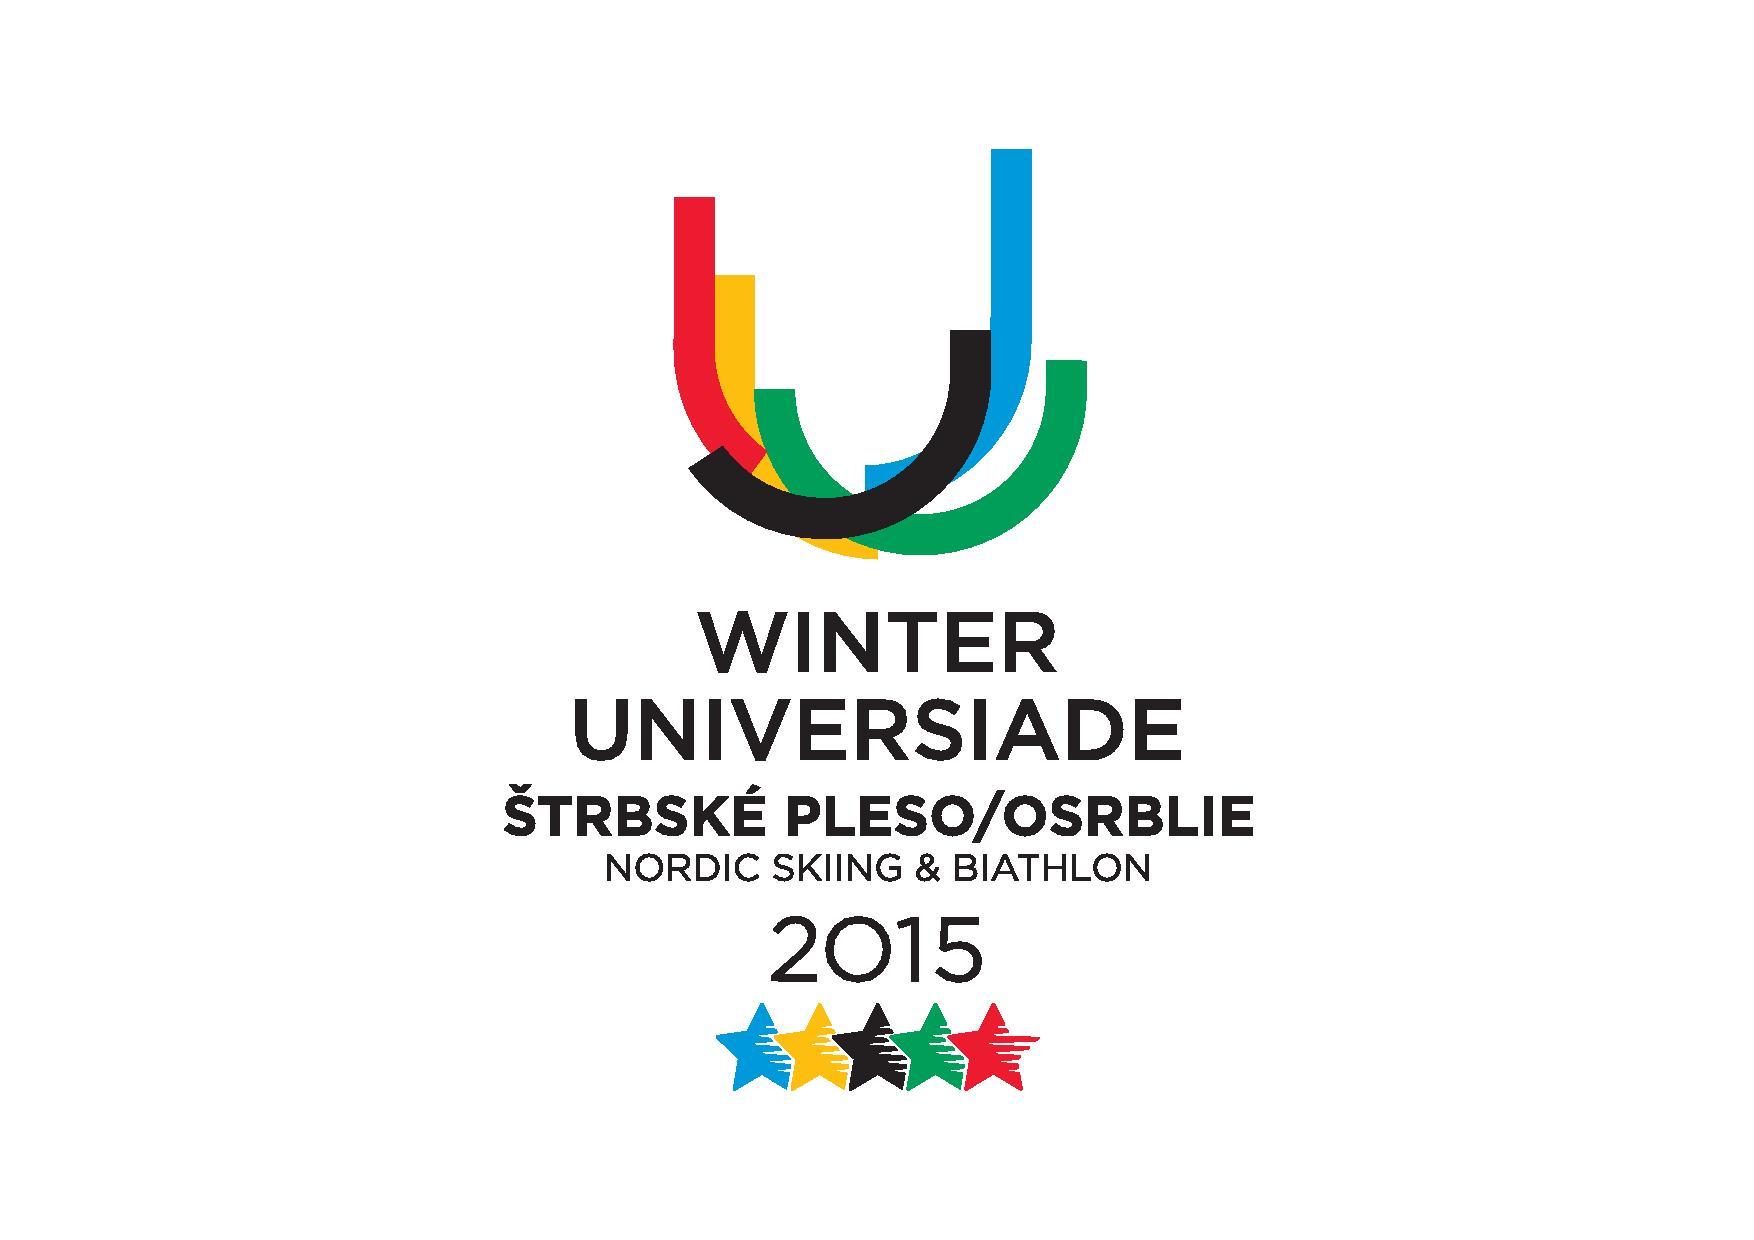 V zmiešanom šprinte tímov na zimnej univerziáde víťazstvo ruskej reprezentácie